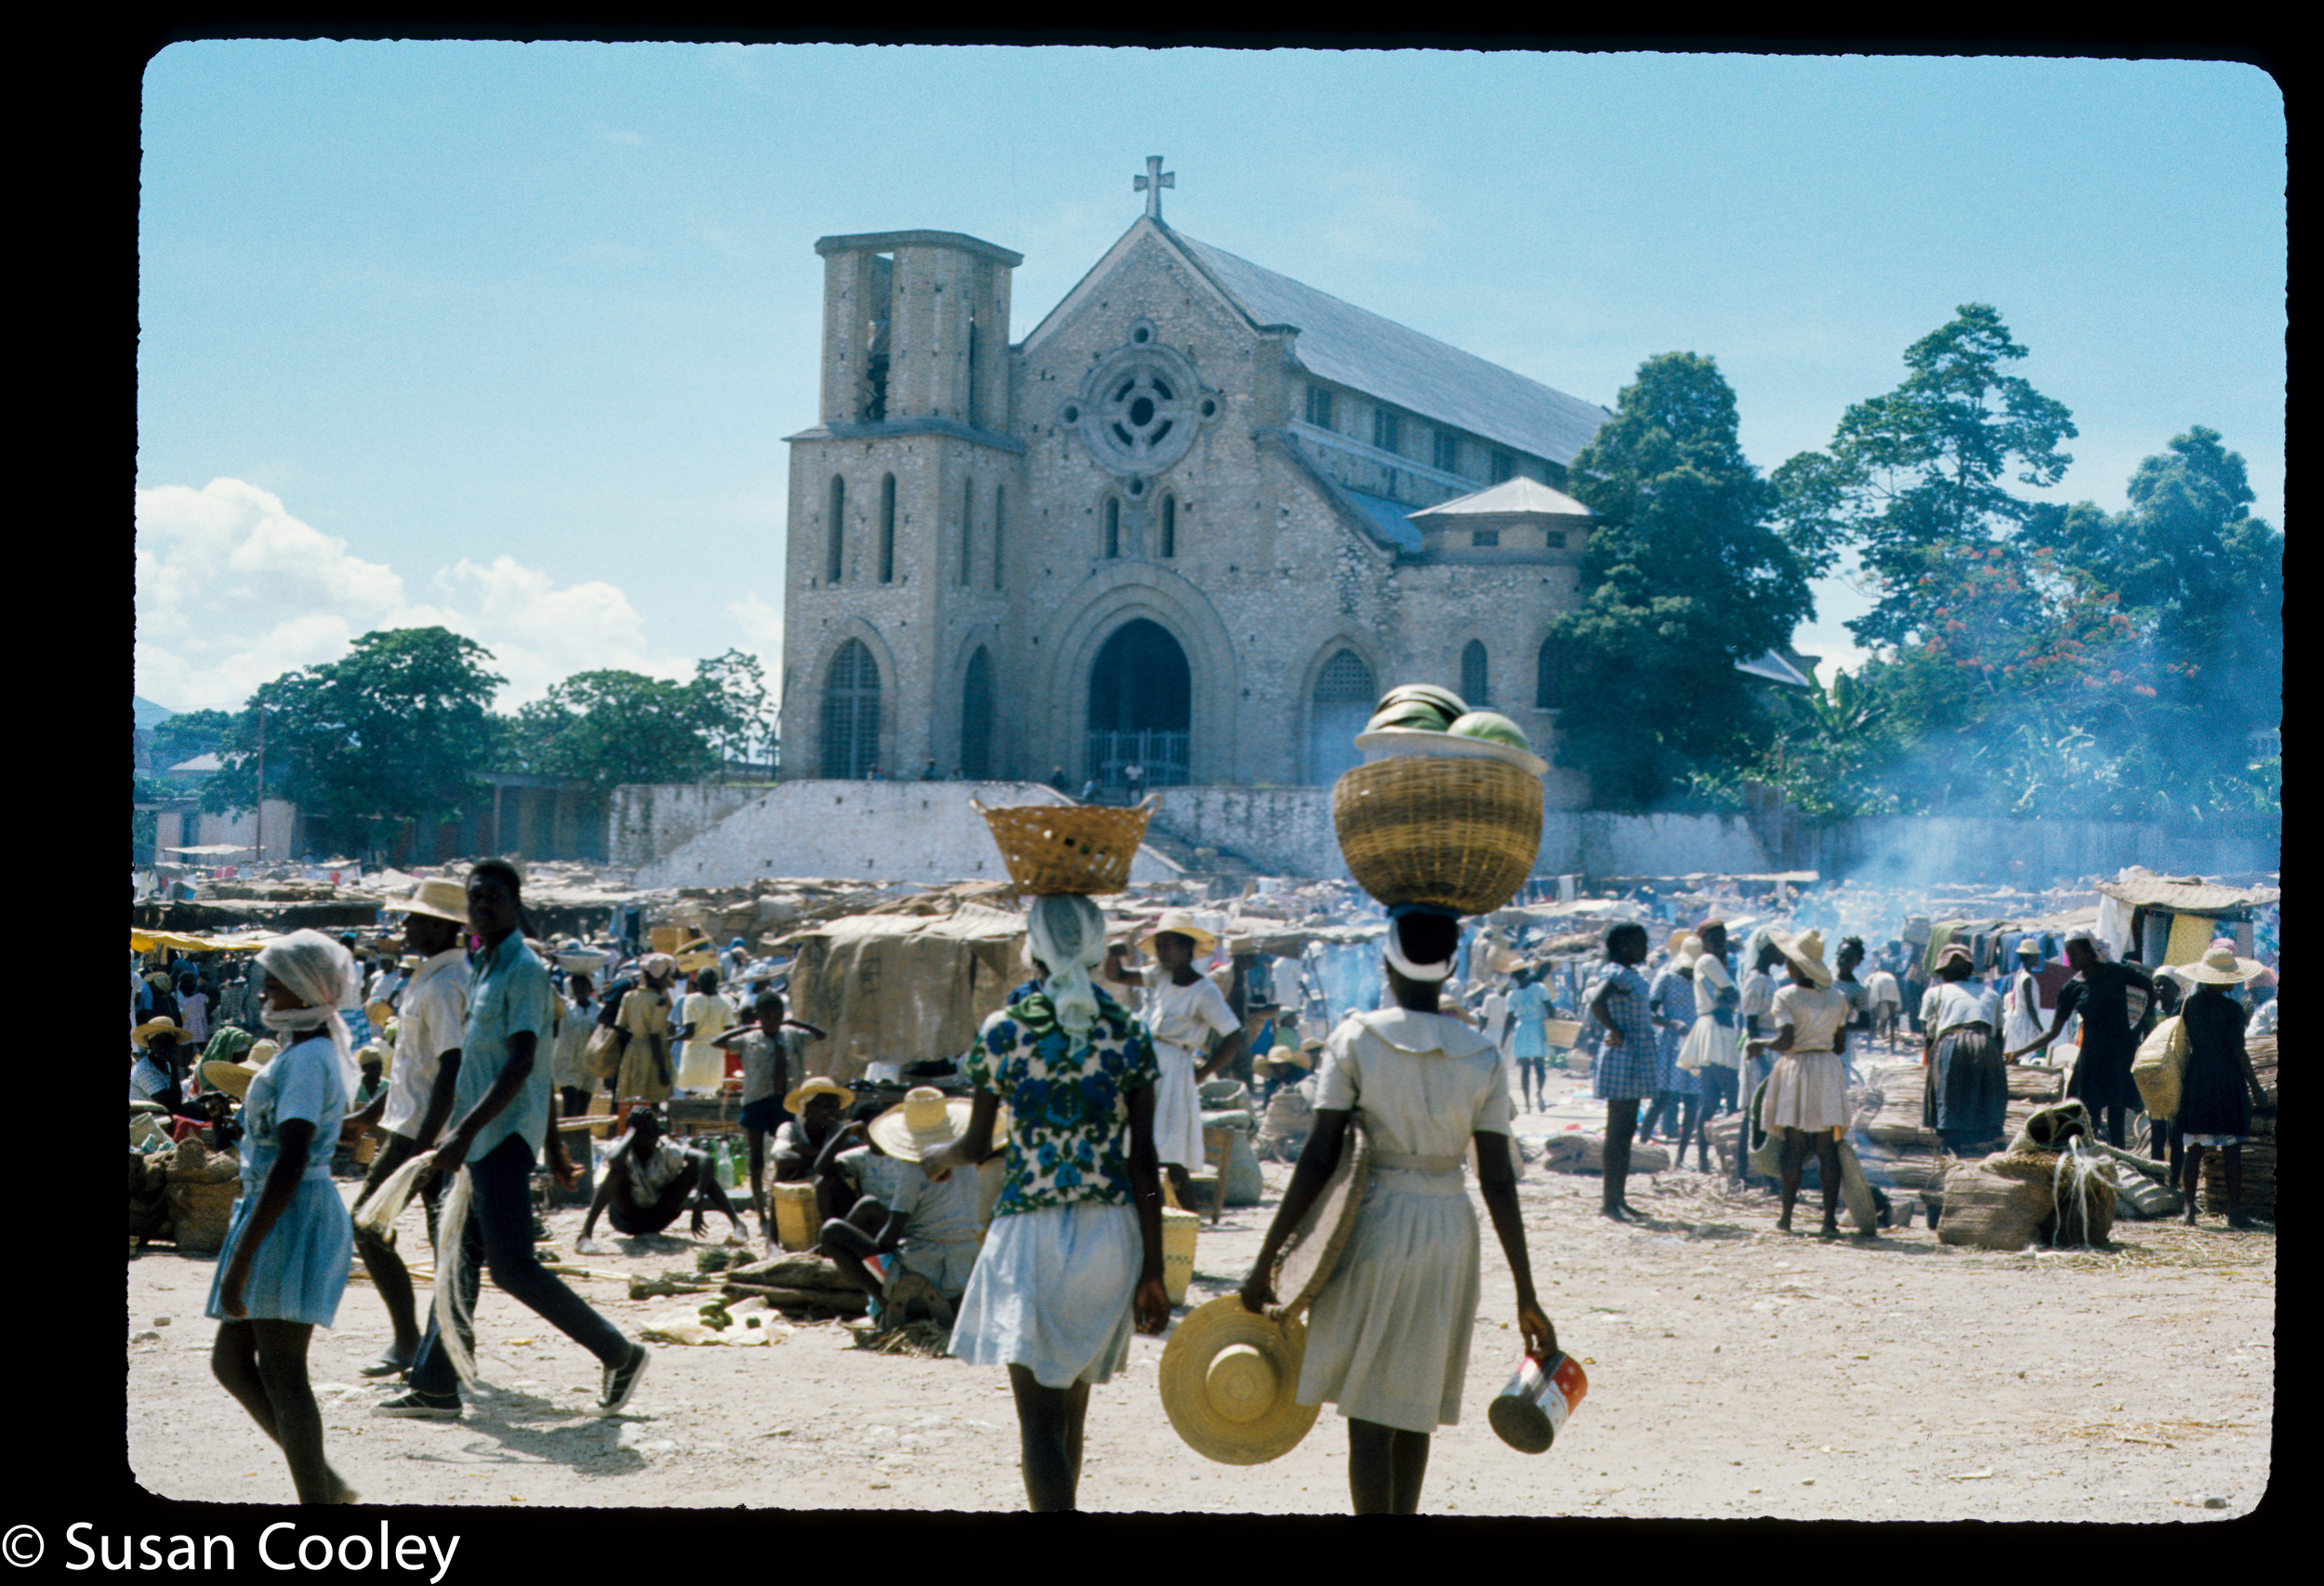 Petite Rivierre market day, Haiti, 1974